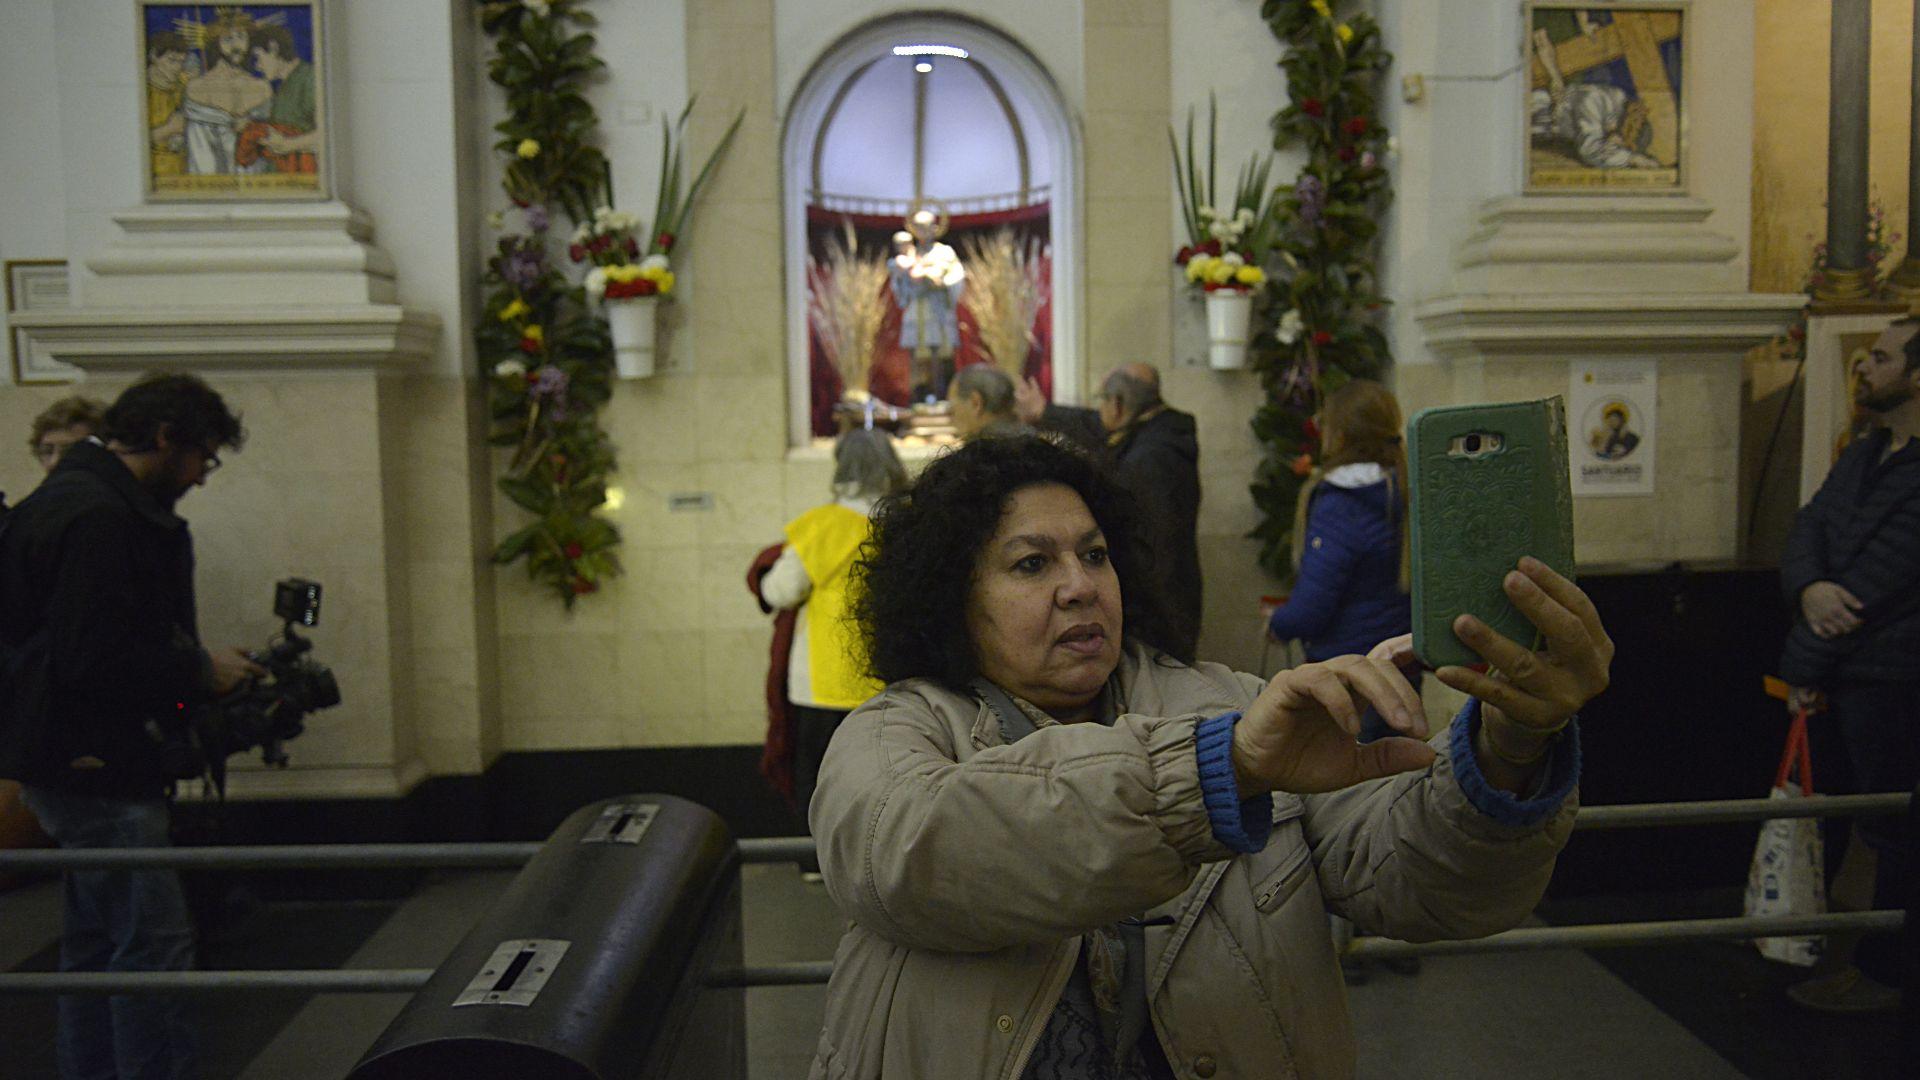 """La organización de los fieles impresiona. No dejan nada librado al azar. Es así que se armaron dos filas: una es """"rápida"""" que ve la imagen del santo de lejos, y otra avanza más despacio y los fieles pueden tocar la imagen. Un mujer se realiza una selfiepara retratar el momento."""